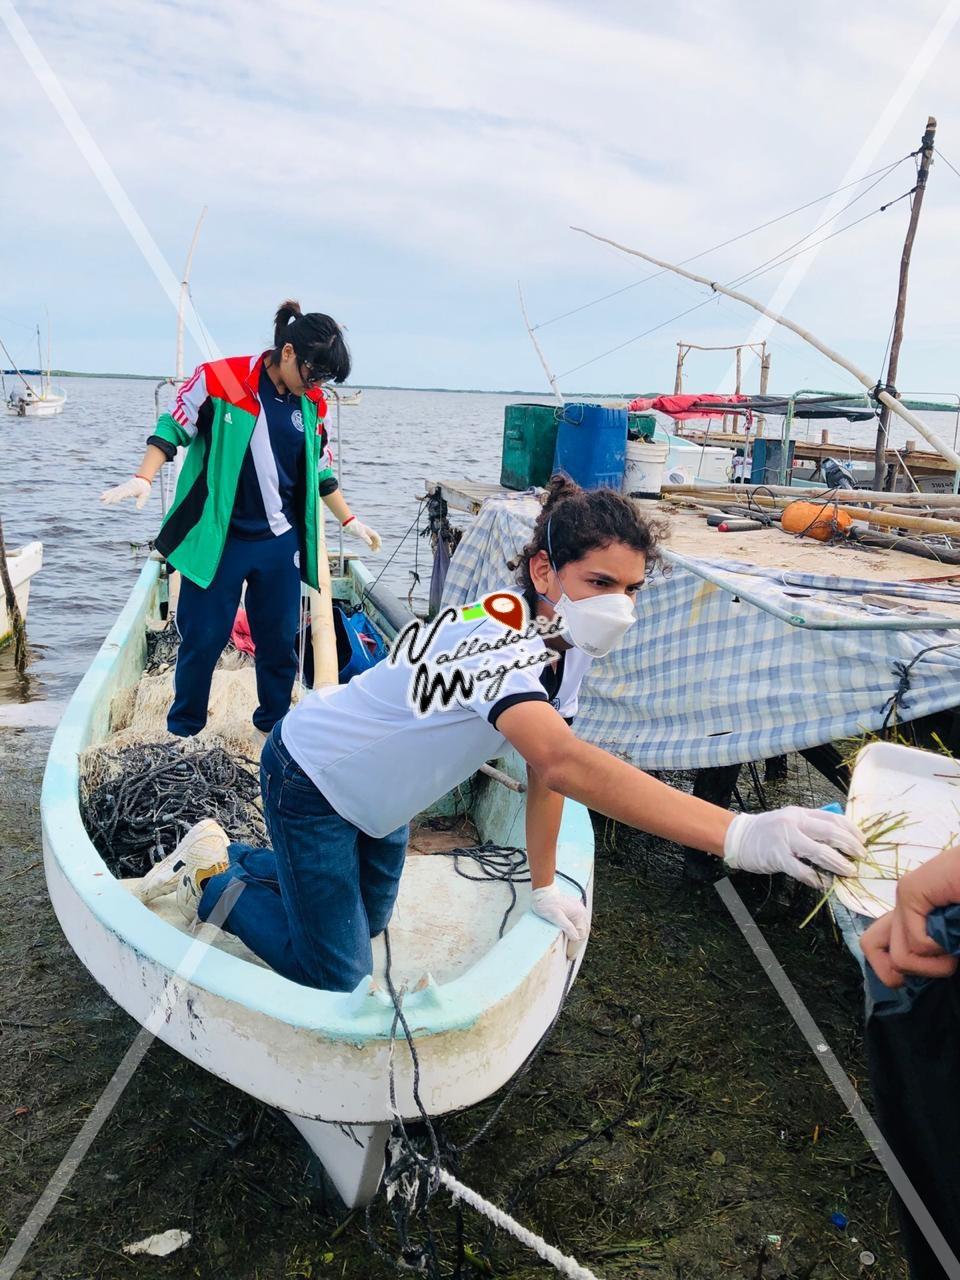 Limpiemos Río lagartos 2018. Programa llevado a cabo por el H. Ayuntamiento en coordinación con diversas organizaciones juveniles